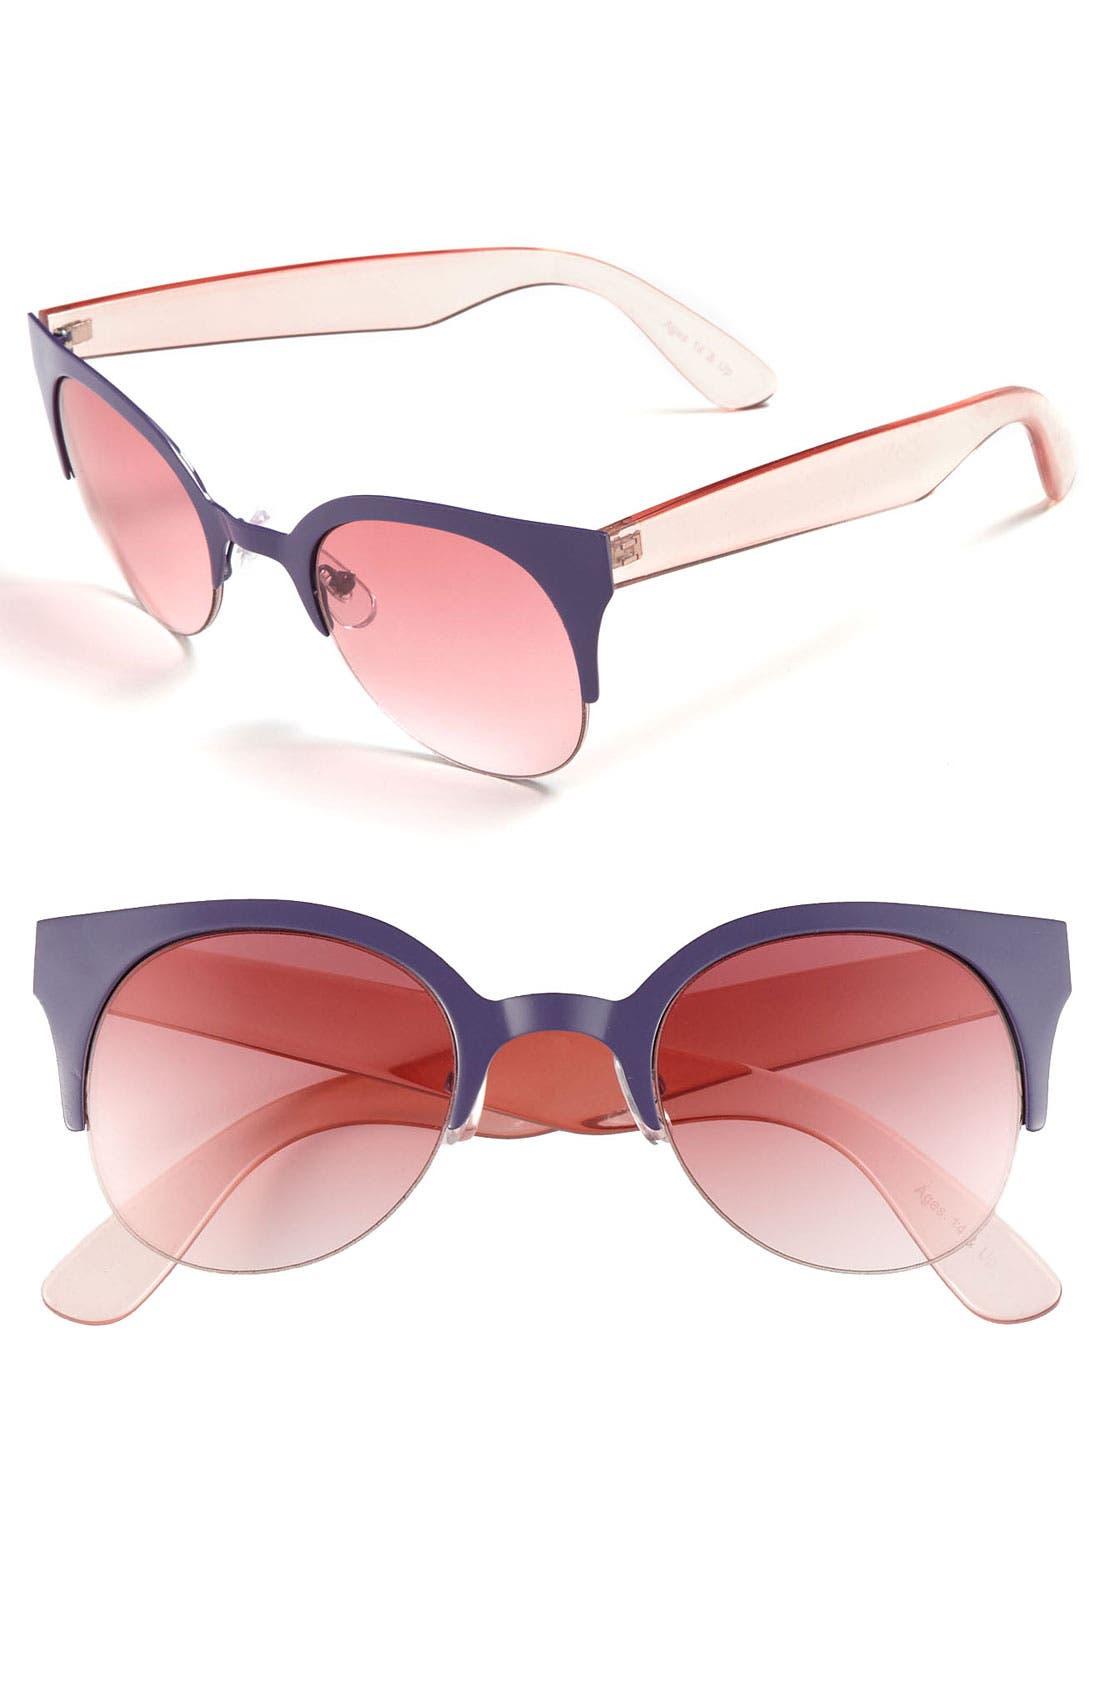 Main Image - FE NY 'Cool Cat' Sunglasses